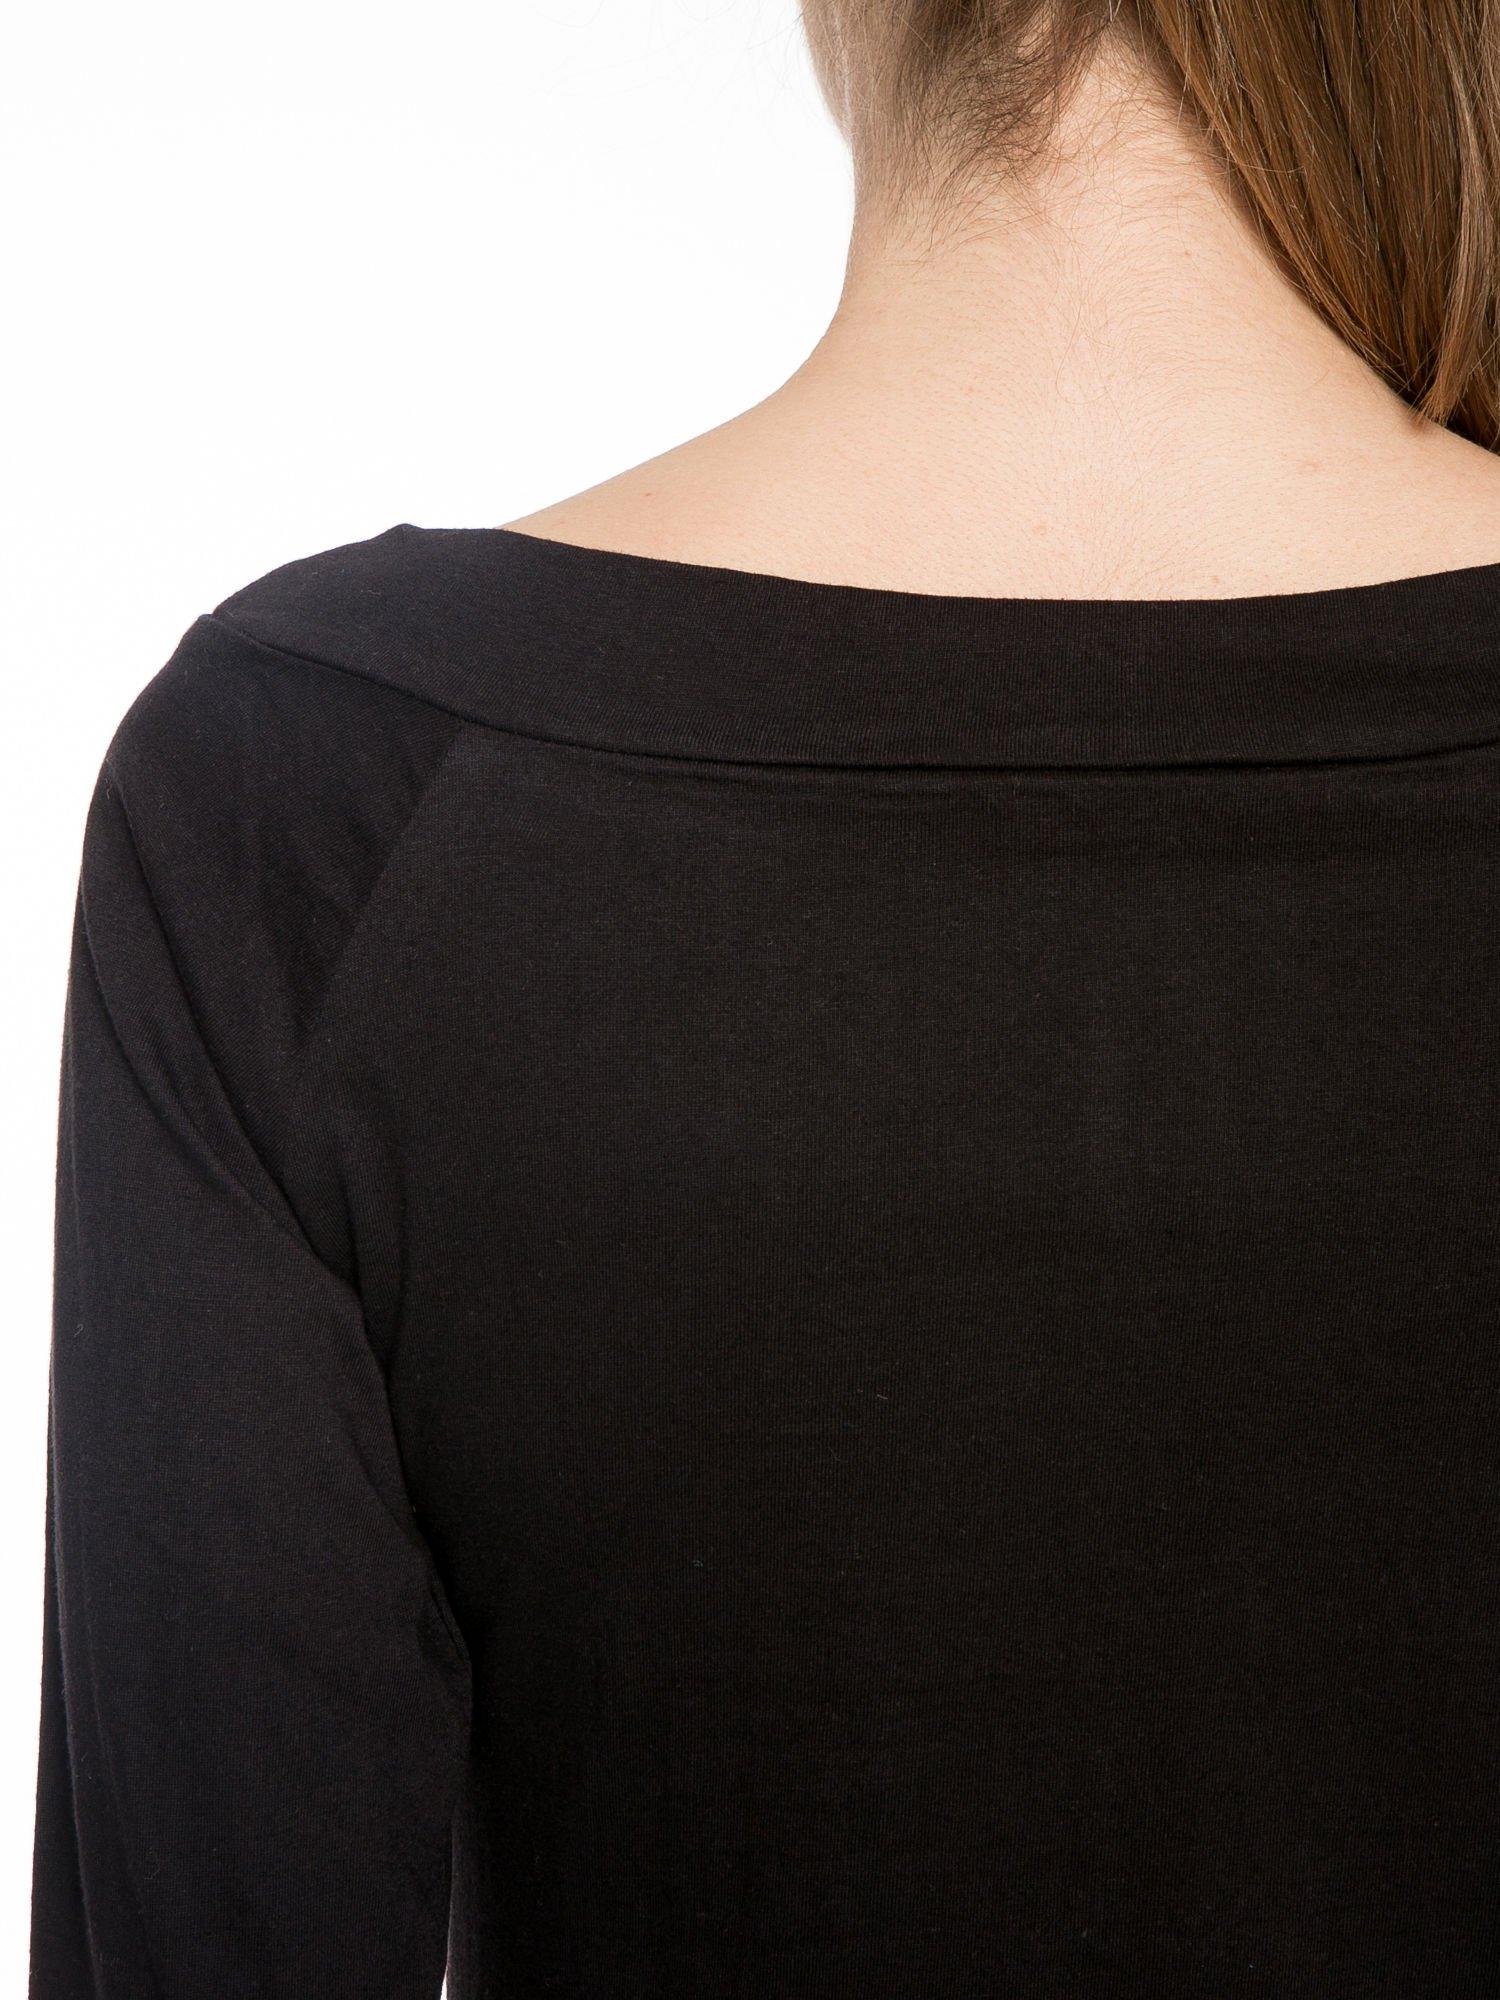 Czarna gładka bluzka z reglanowymi rękawami                                  zdj.                                  7